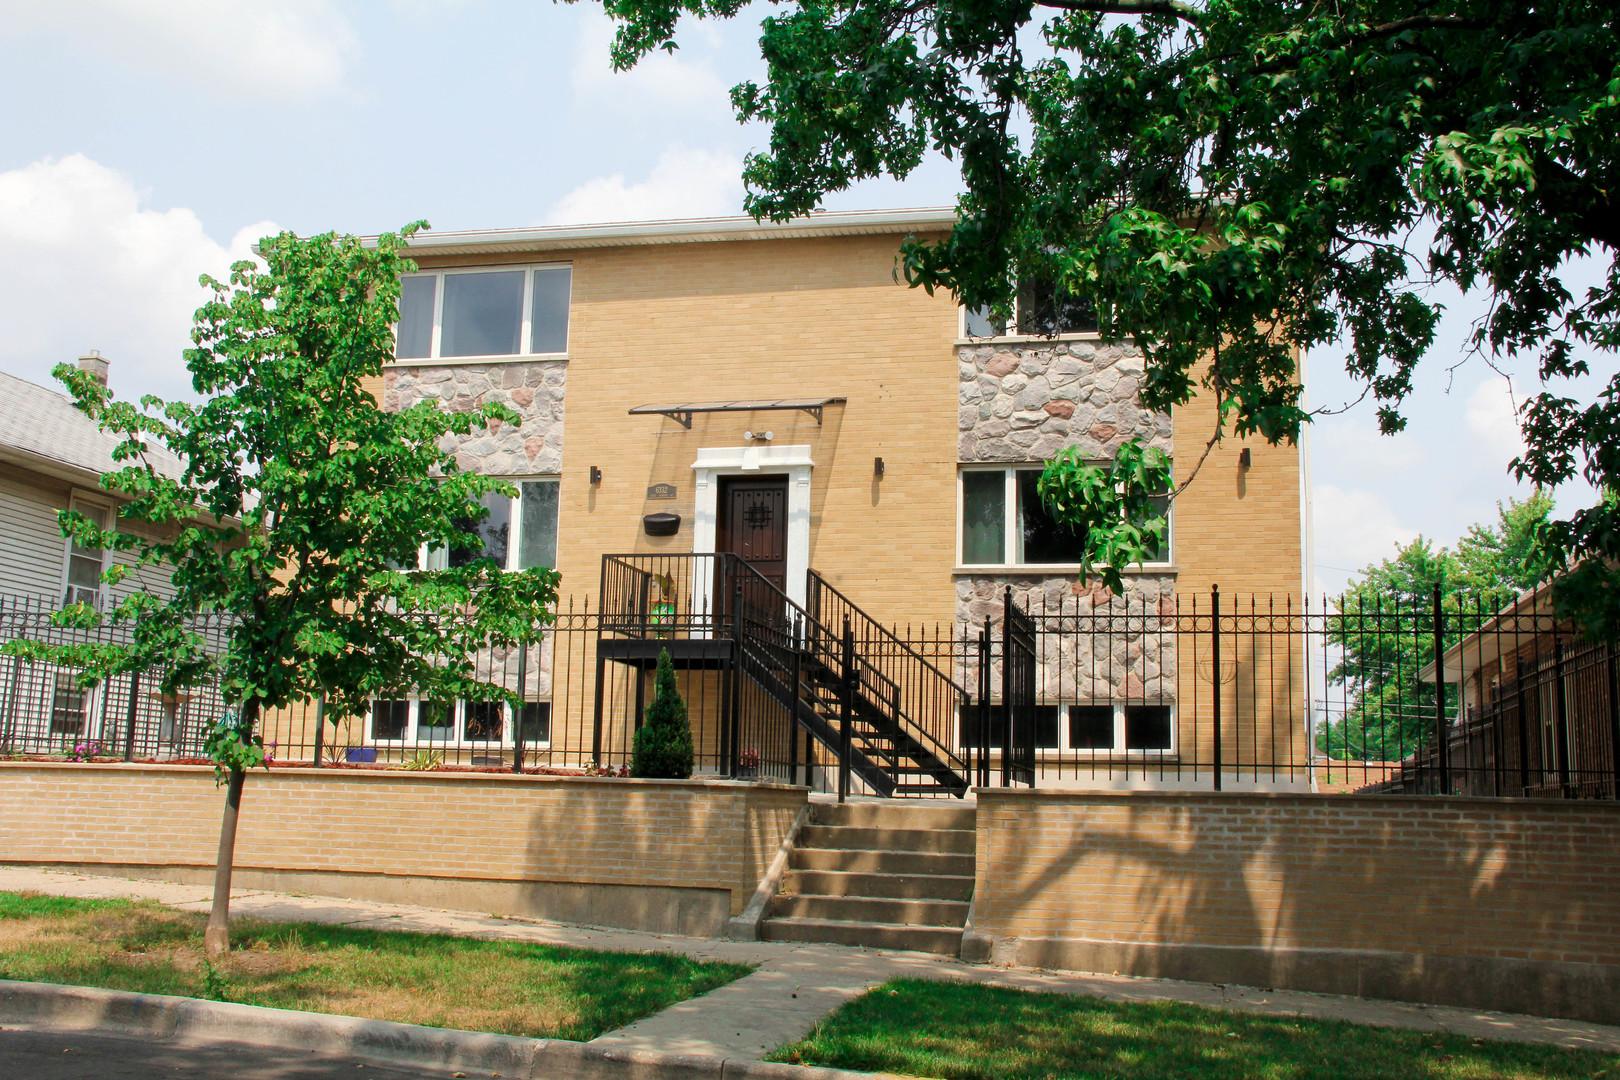 6332 WEST SCHOOL STREET, CHICAGO, IL 60634